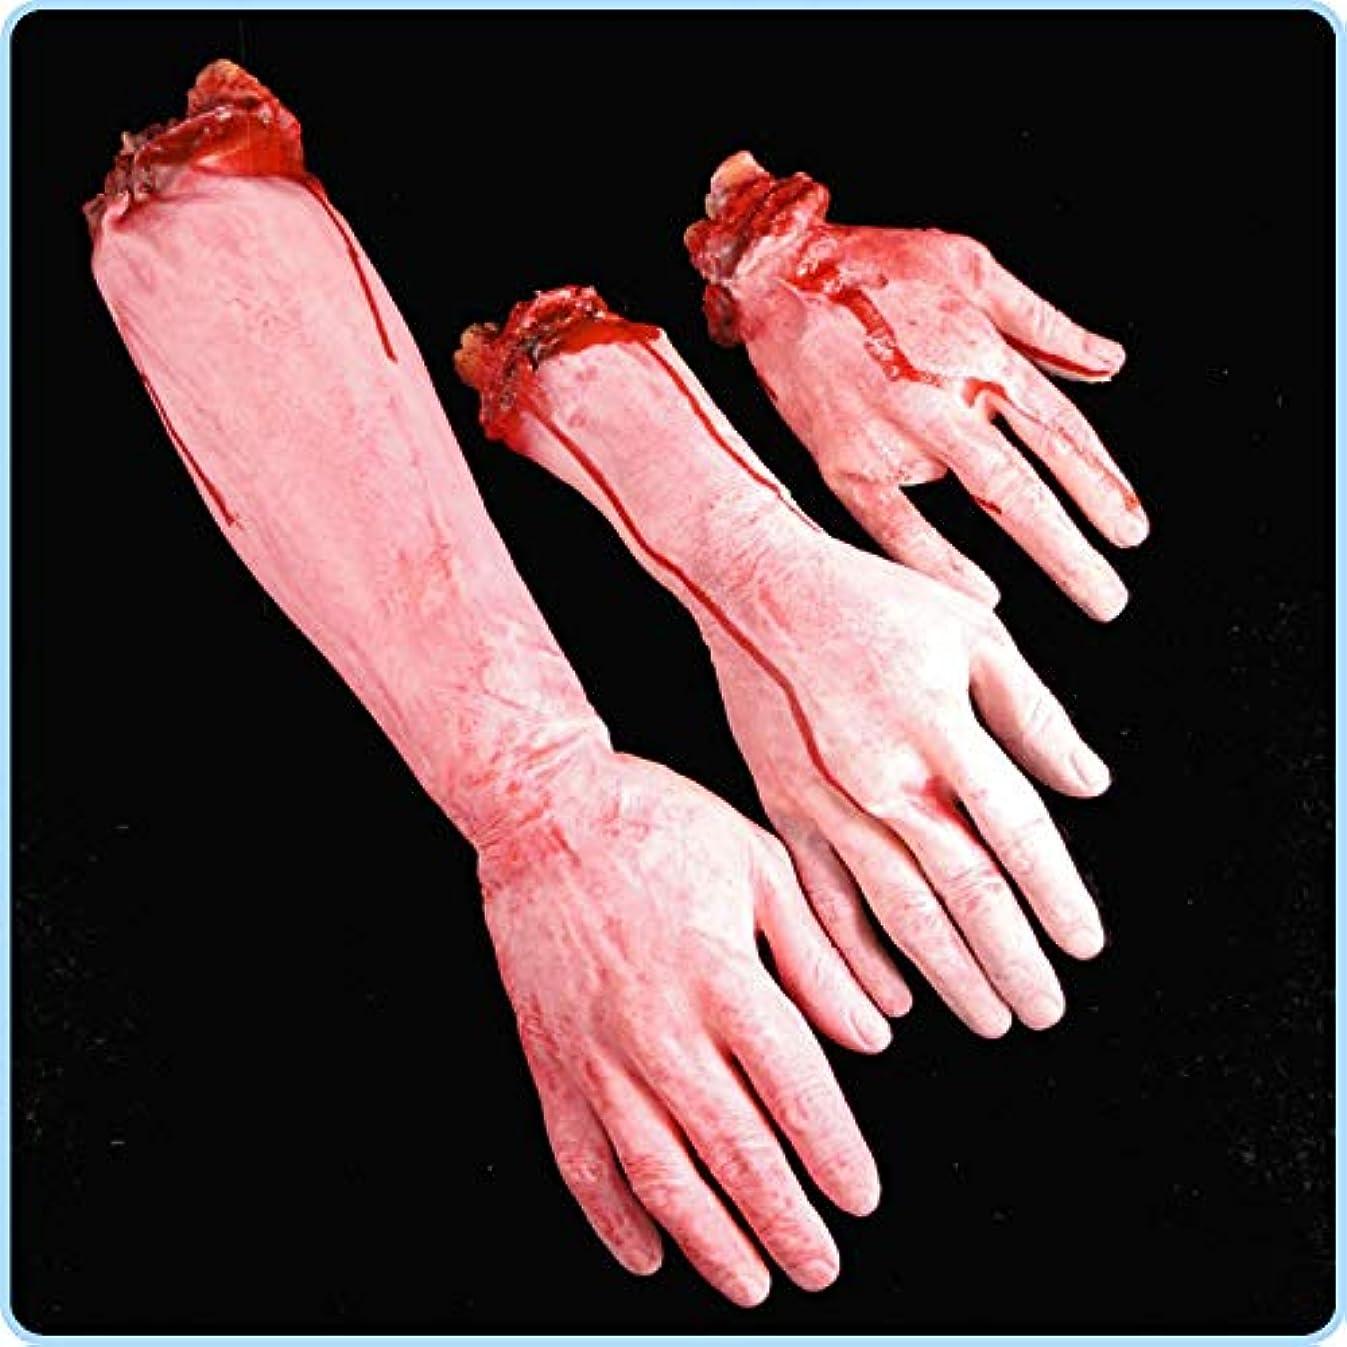 光公式大洪水ETRRUU HOME ハロウィン小道具バーKTV装飾用品リアルなホラー偽の血のホラー大きな壊れた手壊れた足 (Size : S)